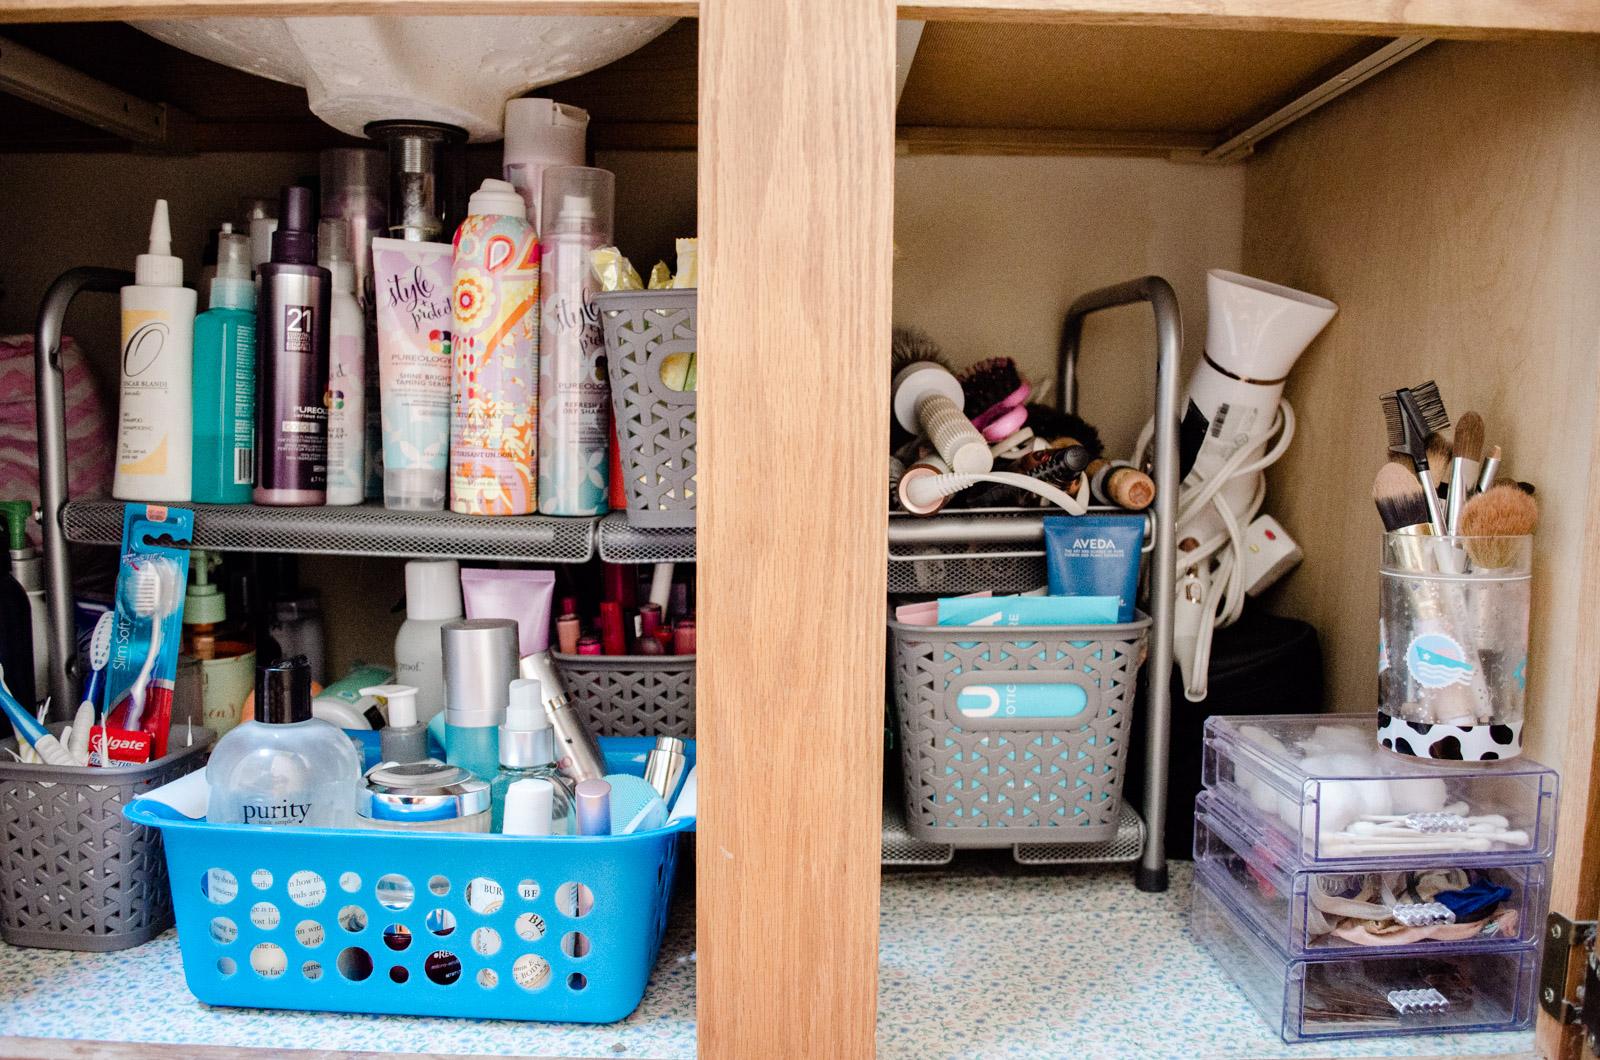 bathroom under the sink organization DIY - how to organize bathroom   bylaurenm.com